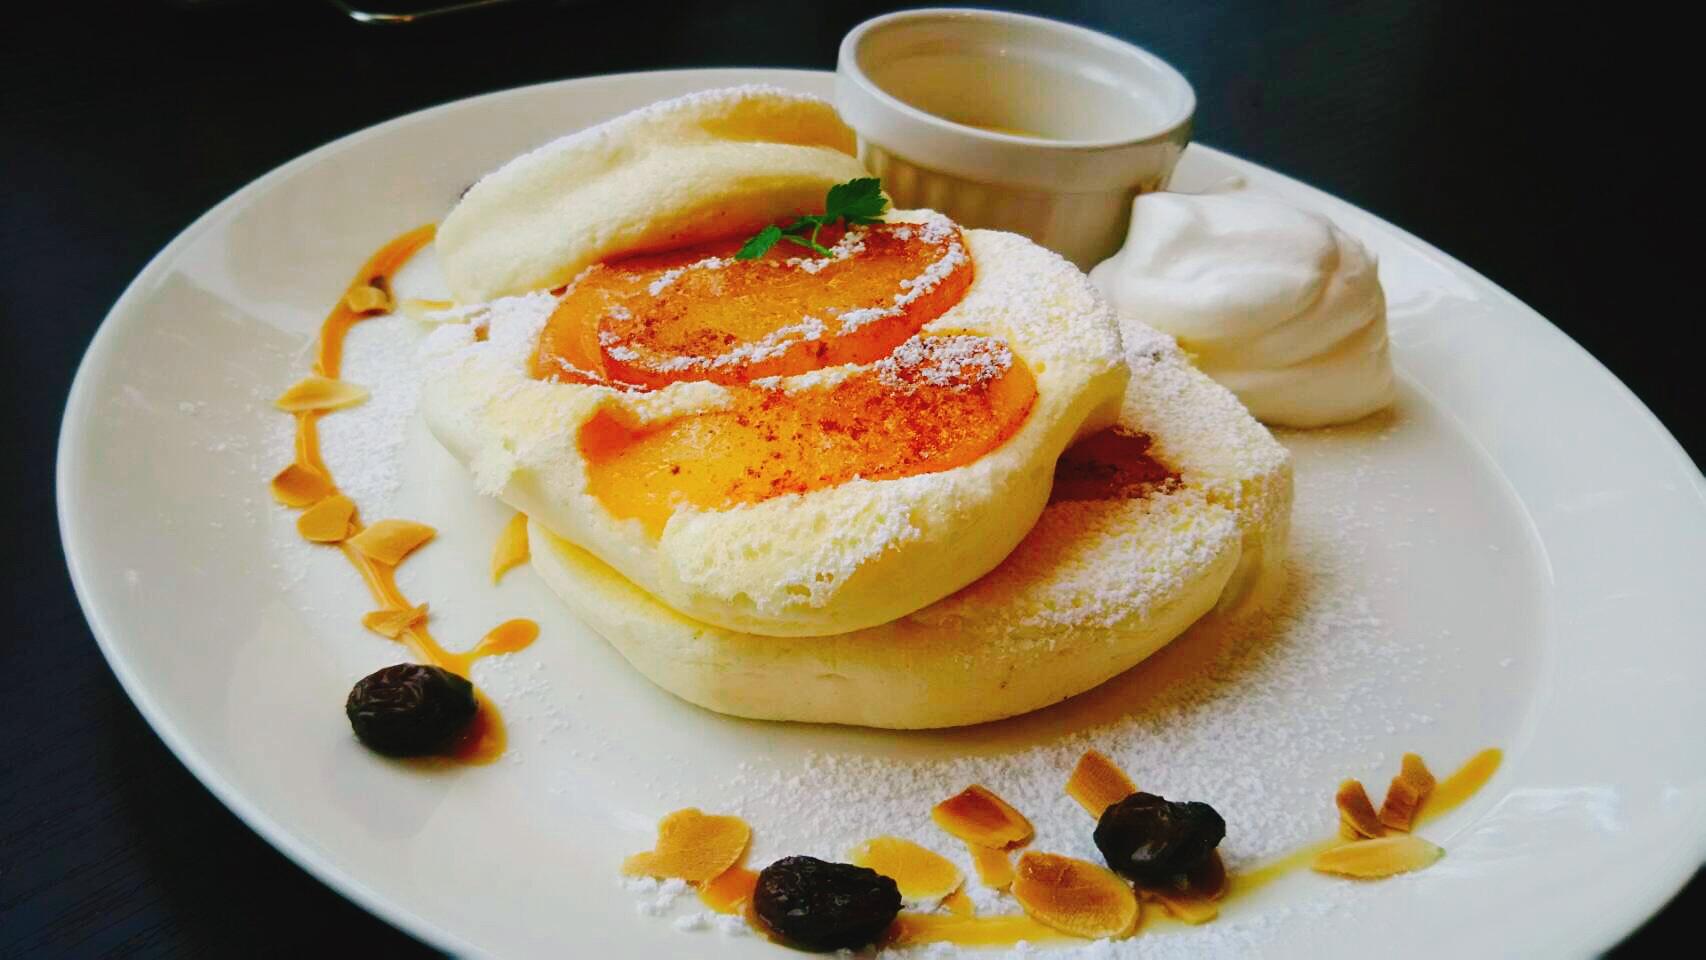 札幌のカフェKANON PANCAKESでパンケーキ!